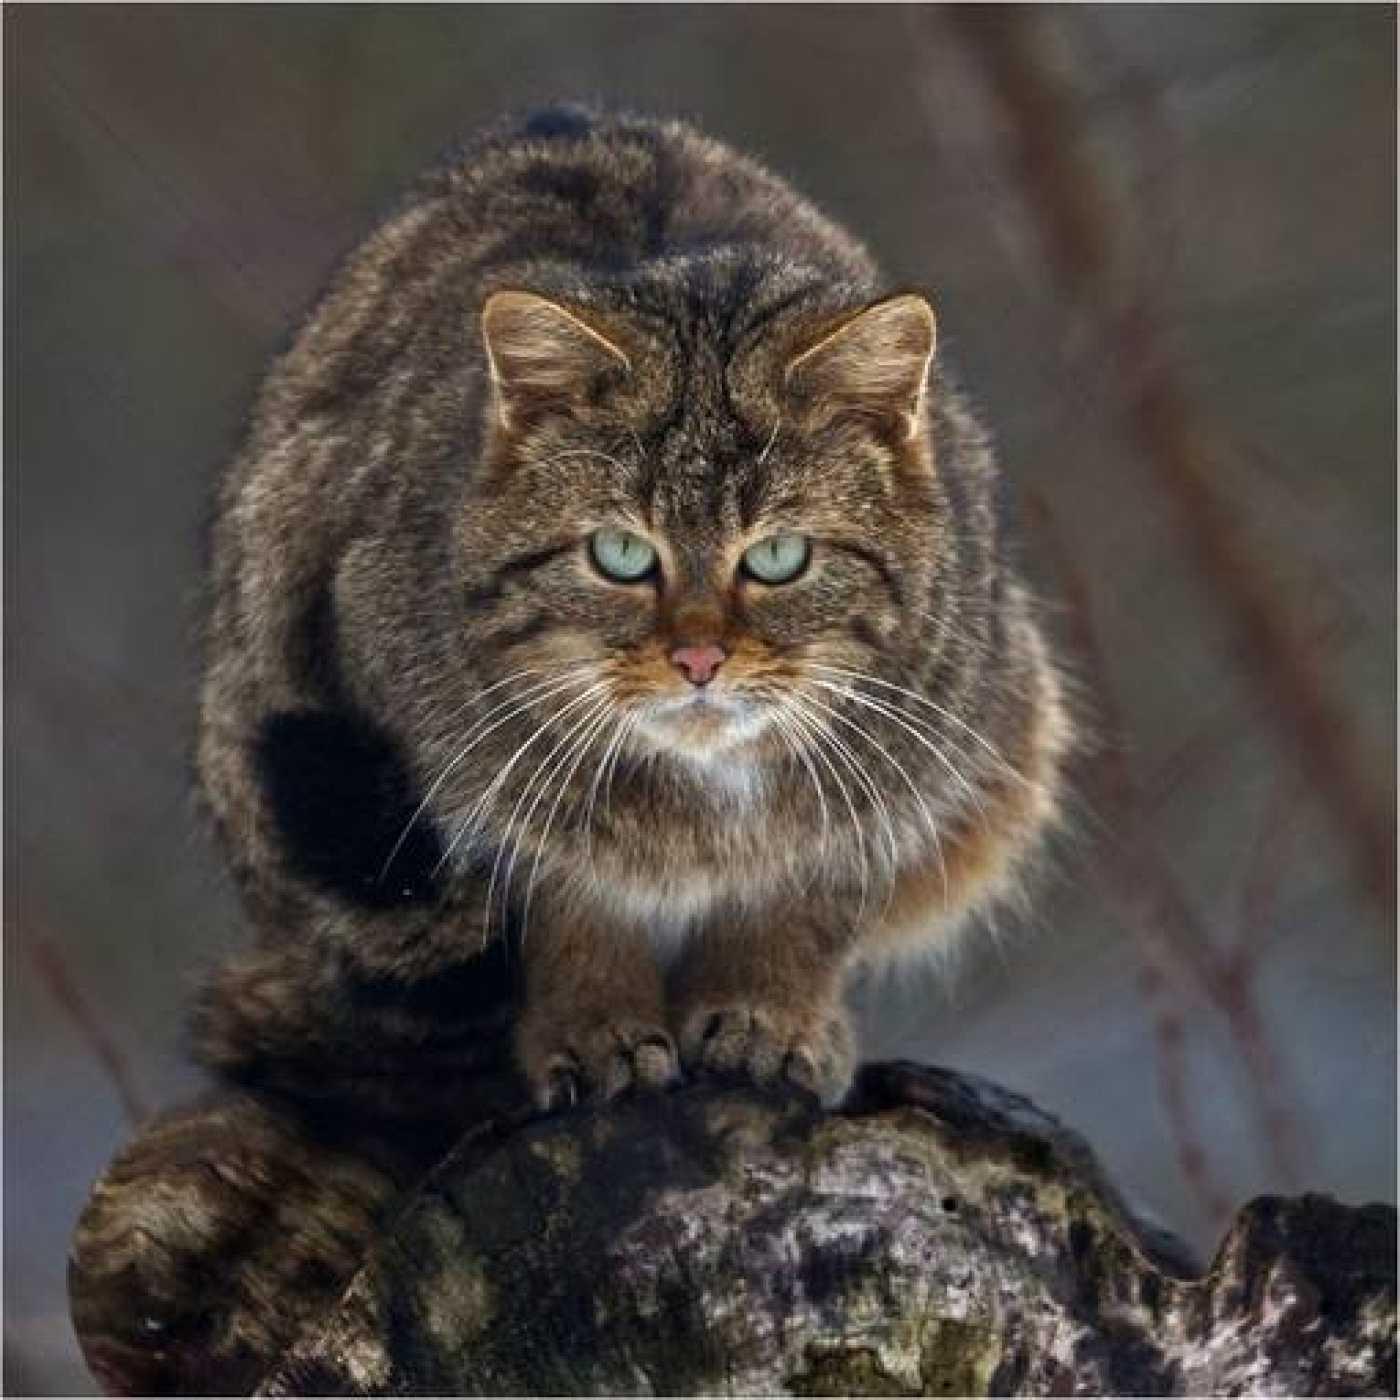 Ejemplar de gato salvaje europeo.